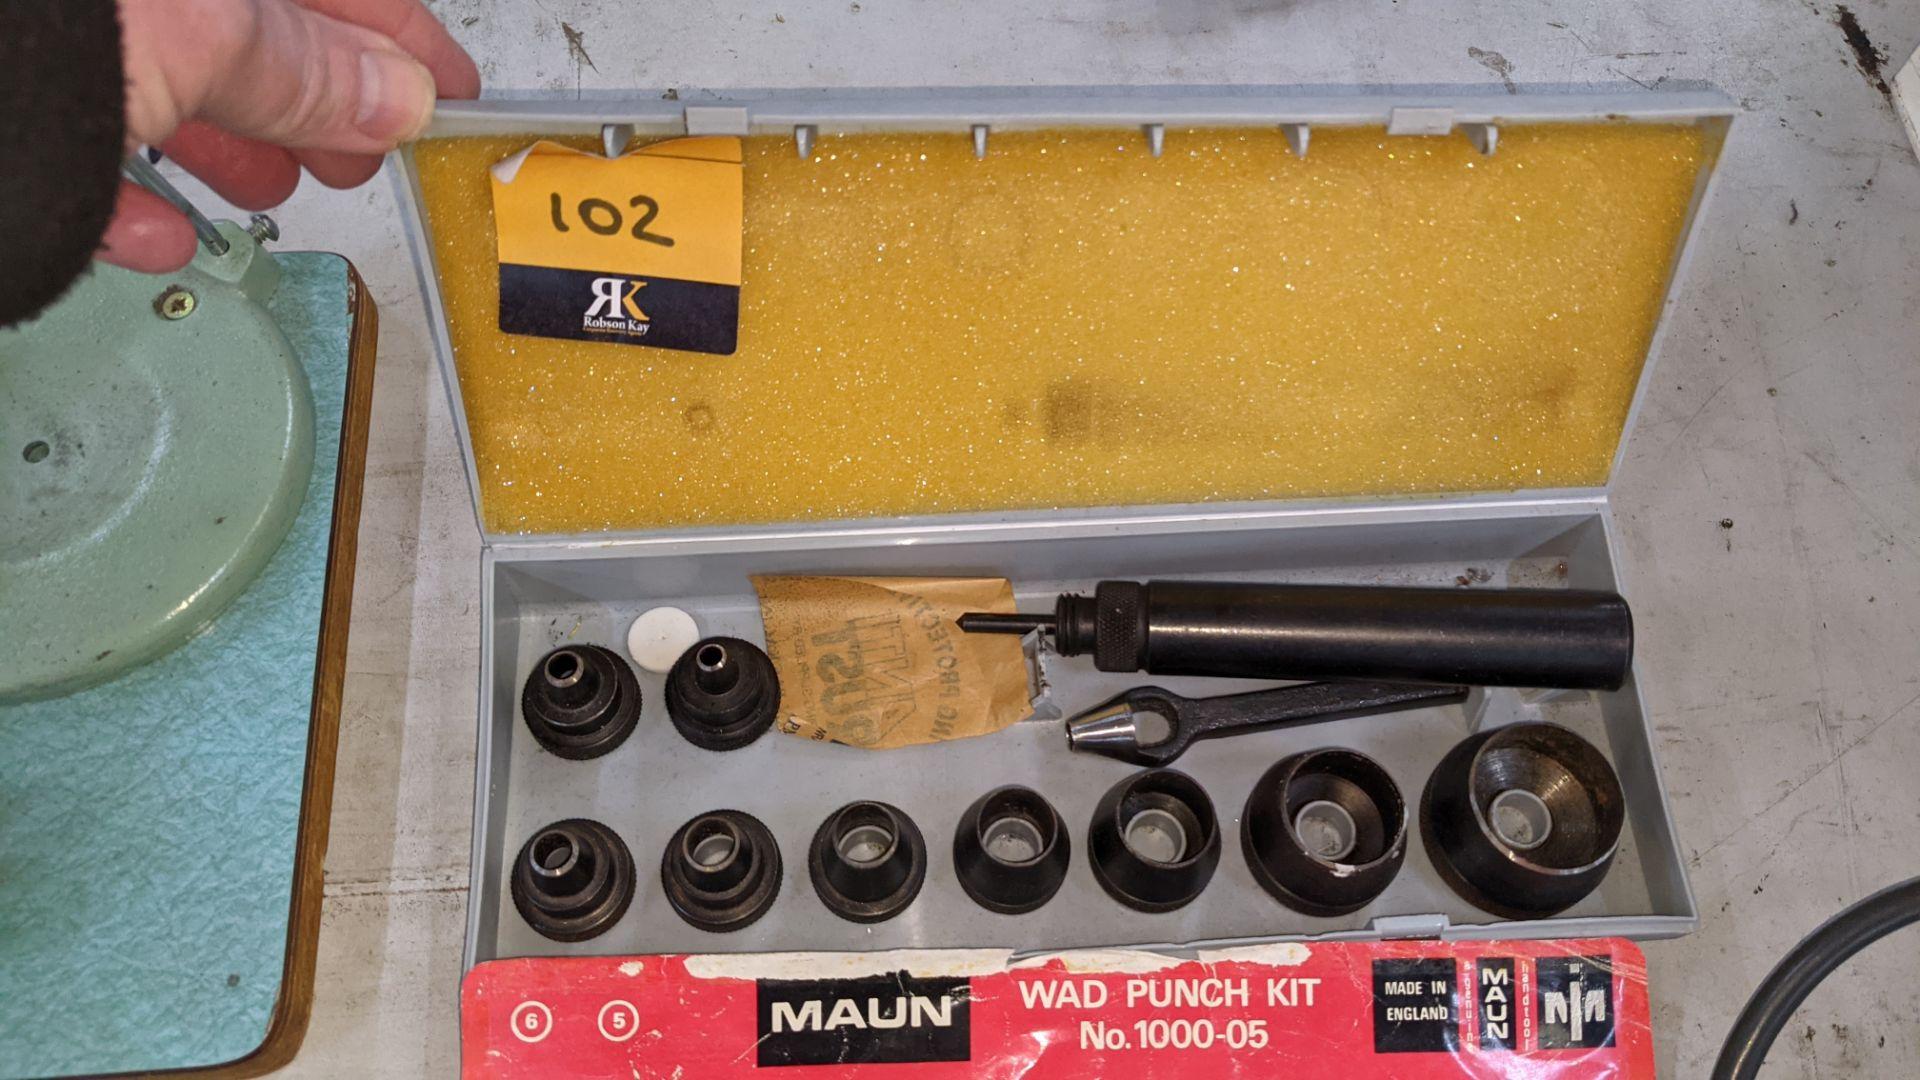 Maun wad punch kit number 1000-05